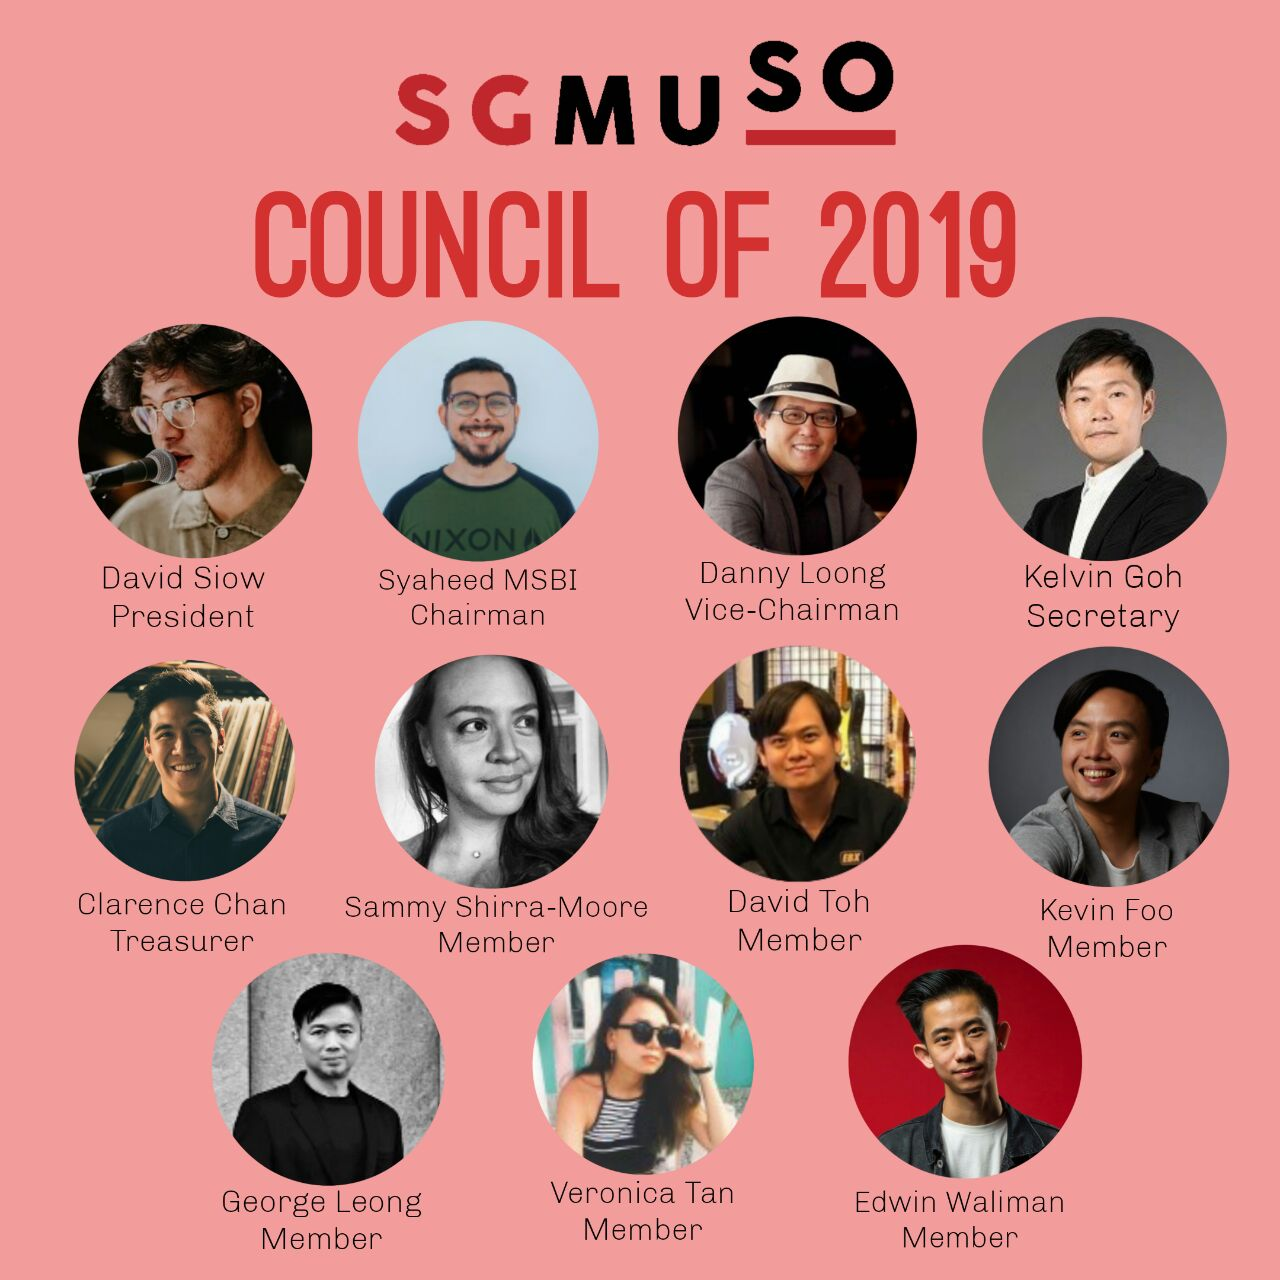 SGMUSO Annual General Meeting AGM 2019 Council.jpg